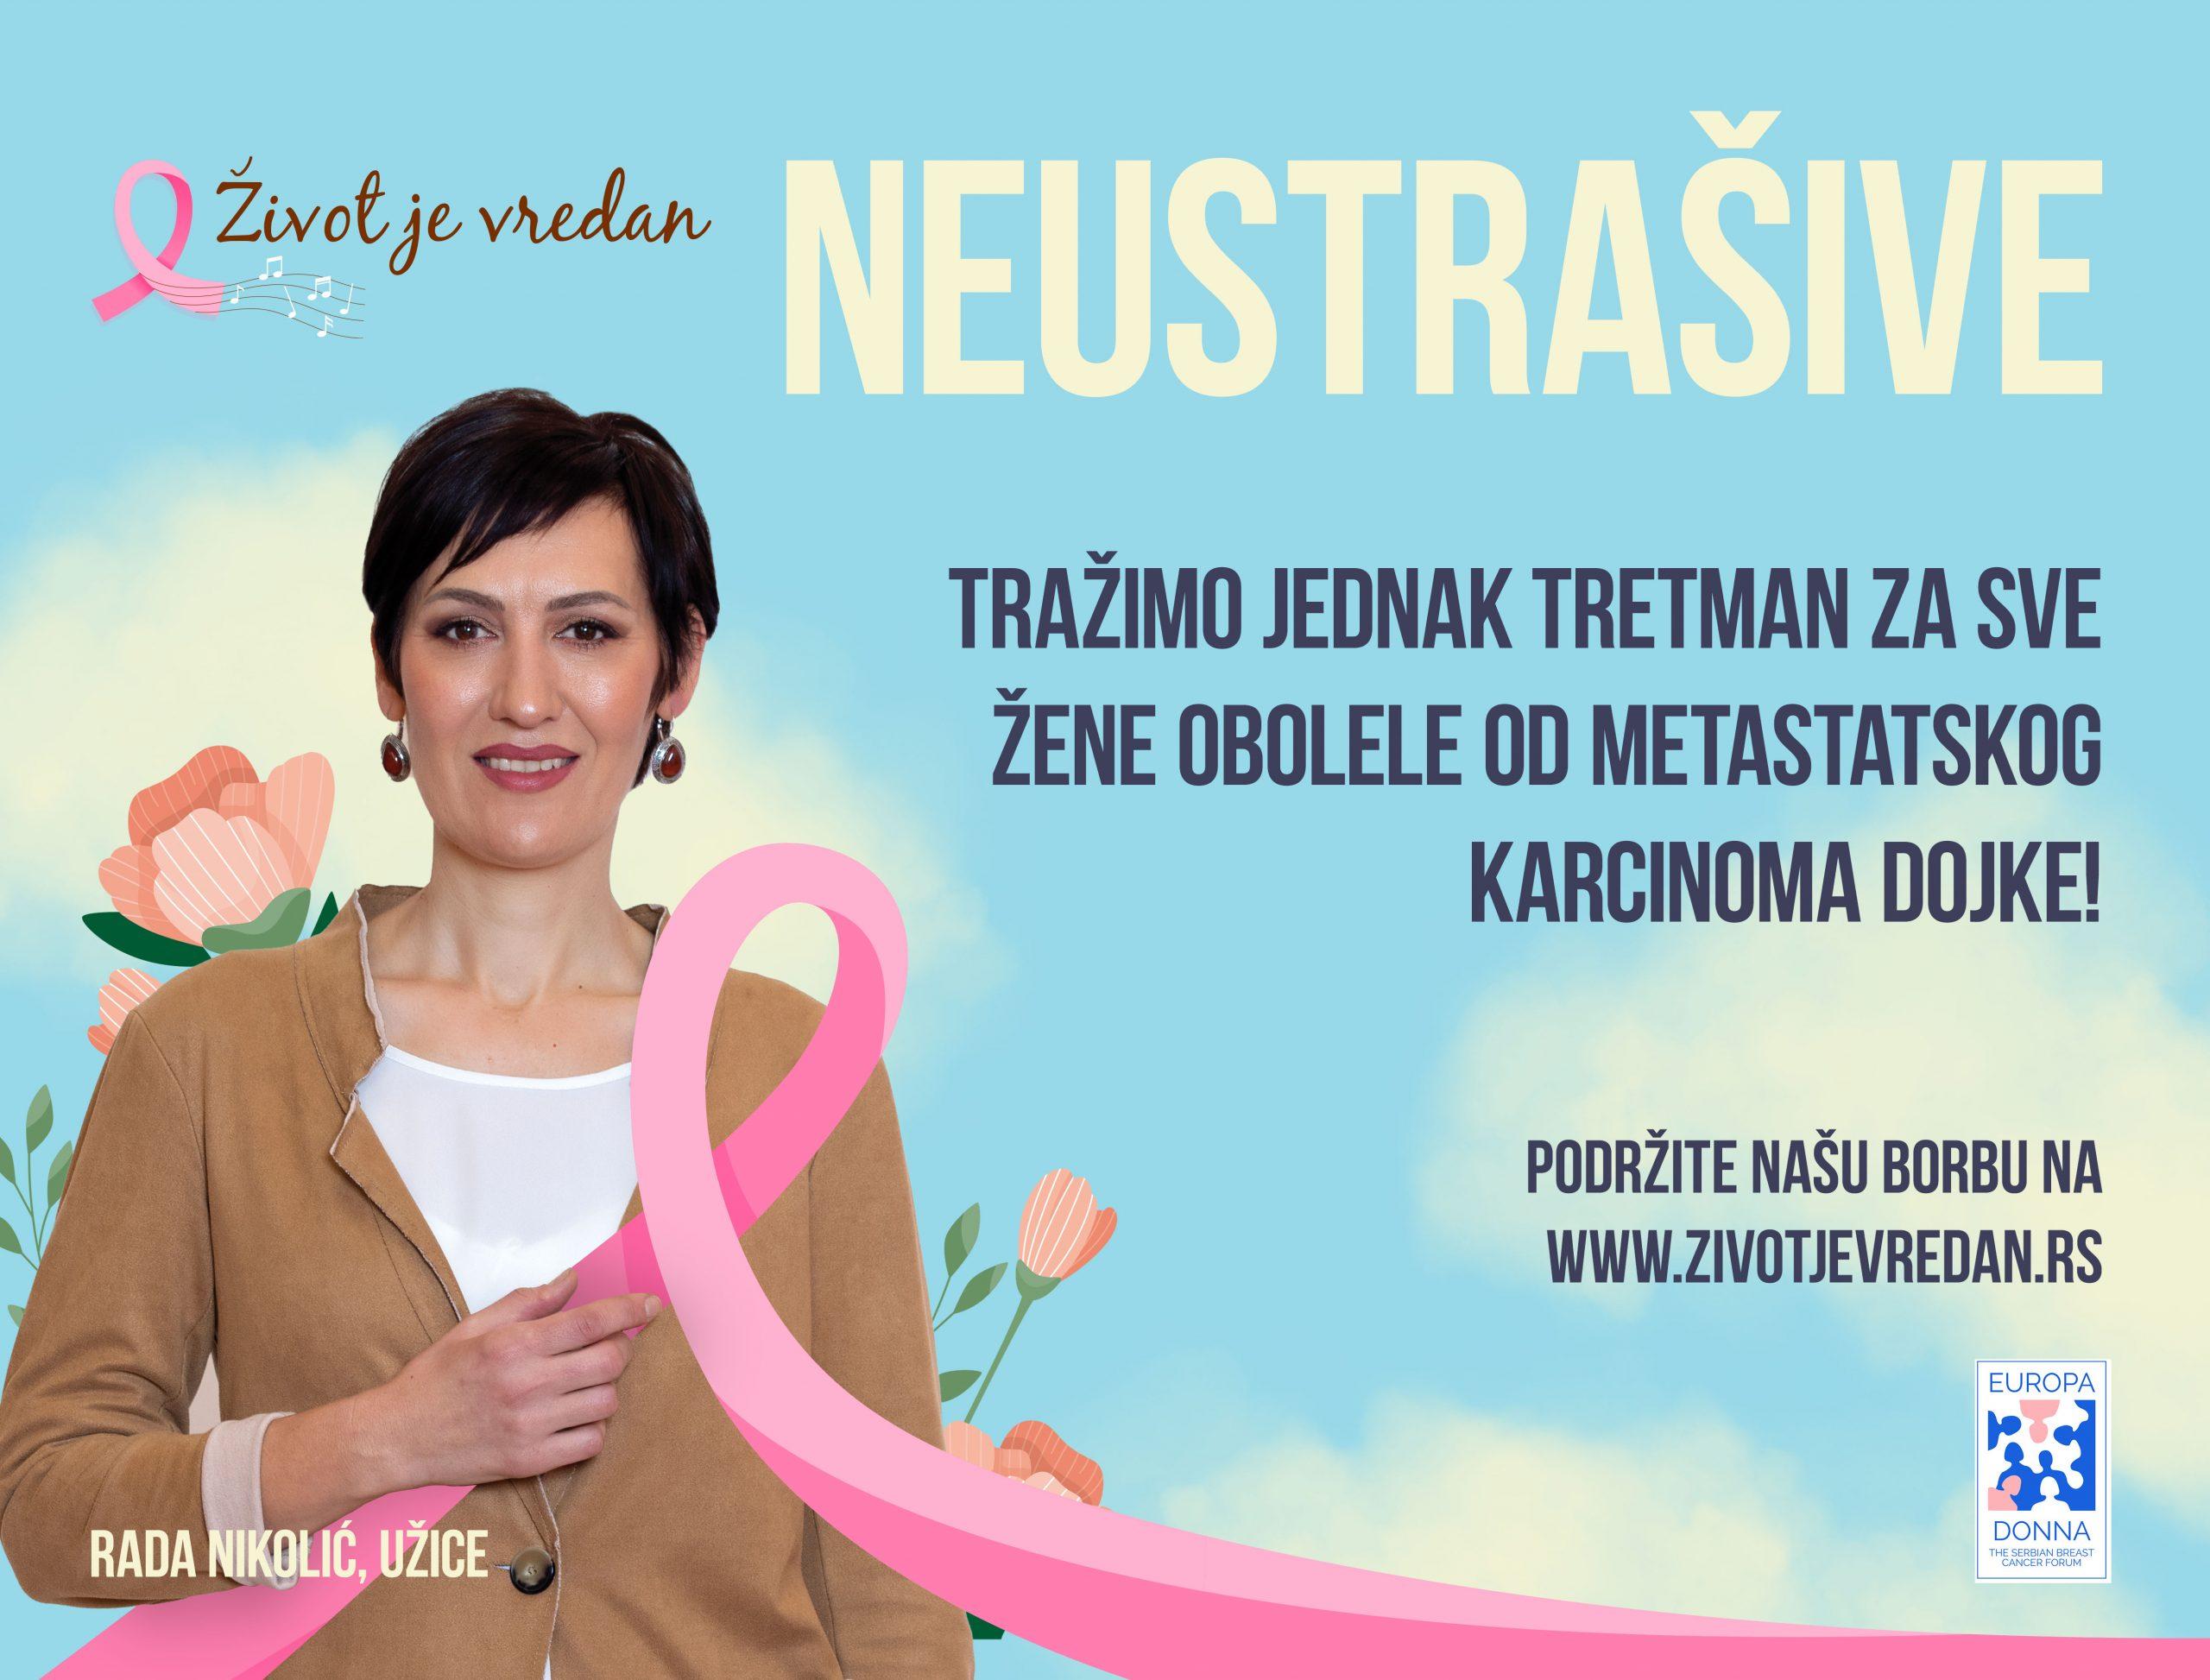 Ženama u Srbiji nedostupni lekovi za metastatski oblik raka dojke 1